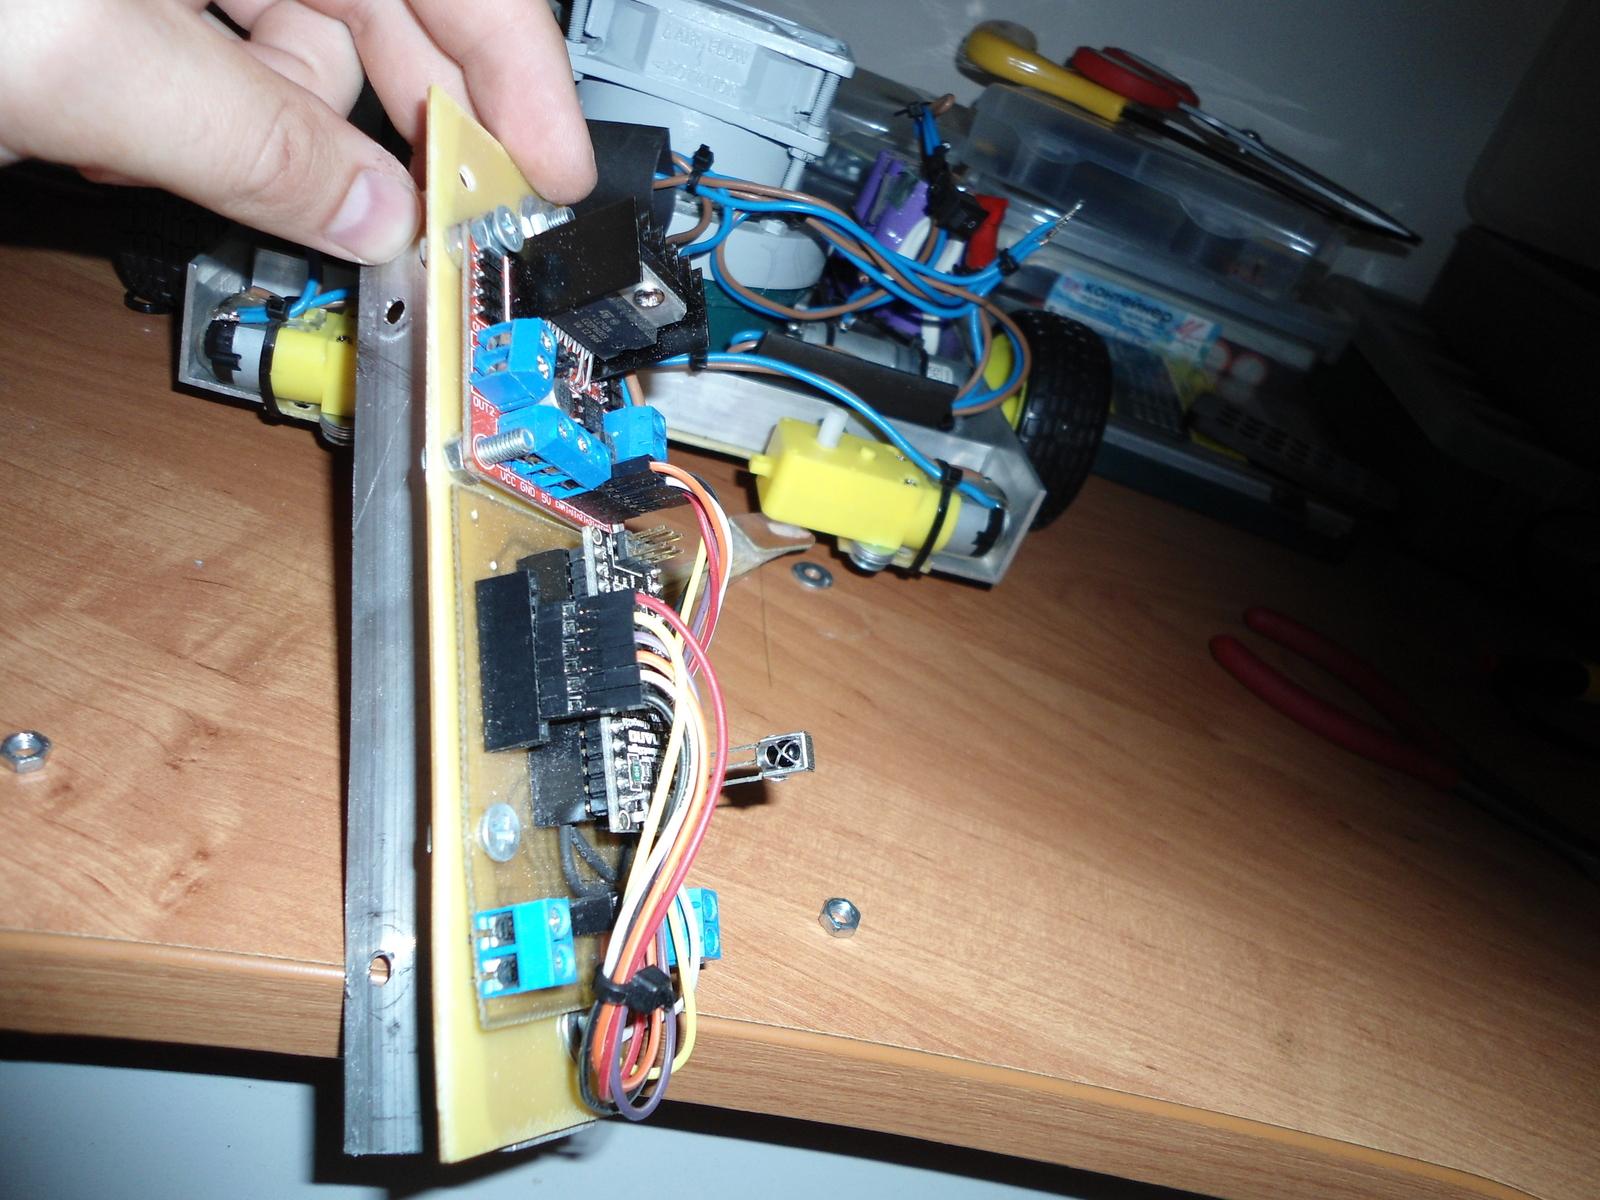 Робот пылесос из ардуино своими руками 651